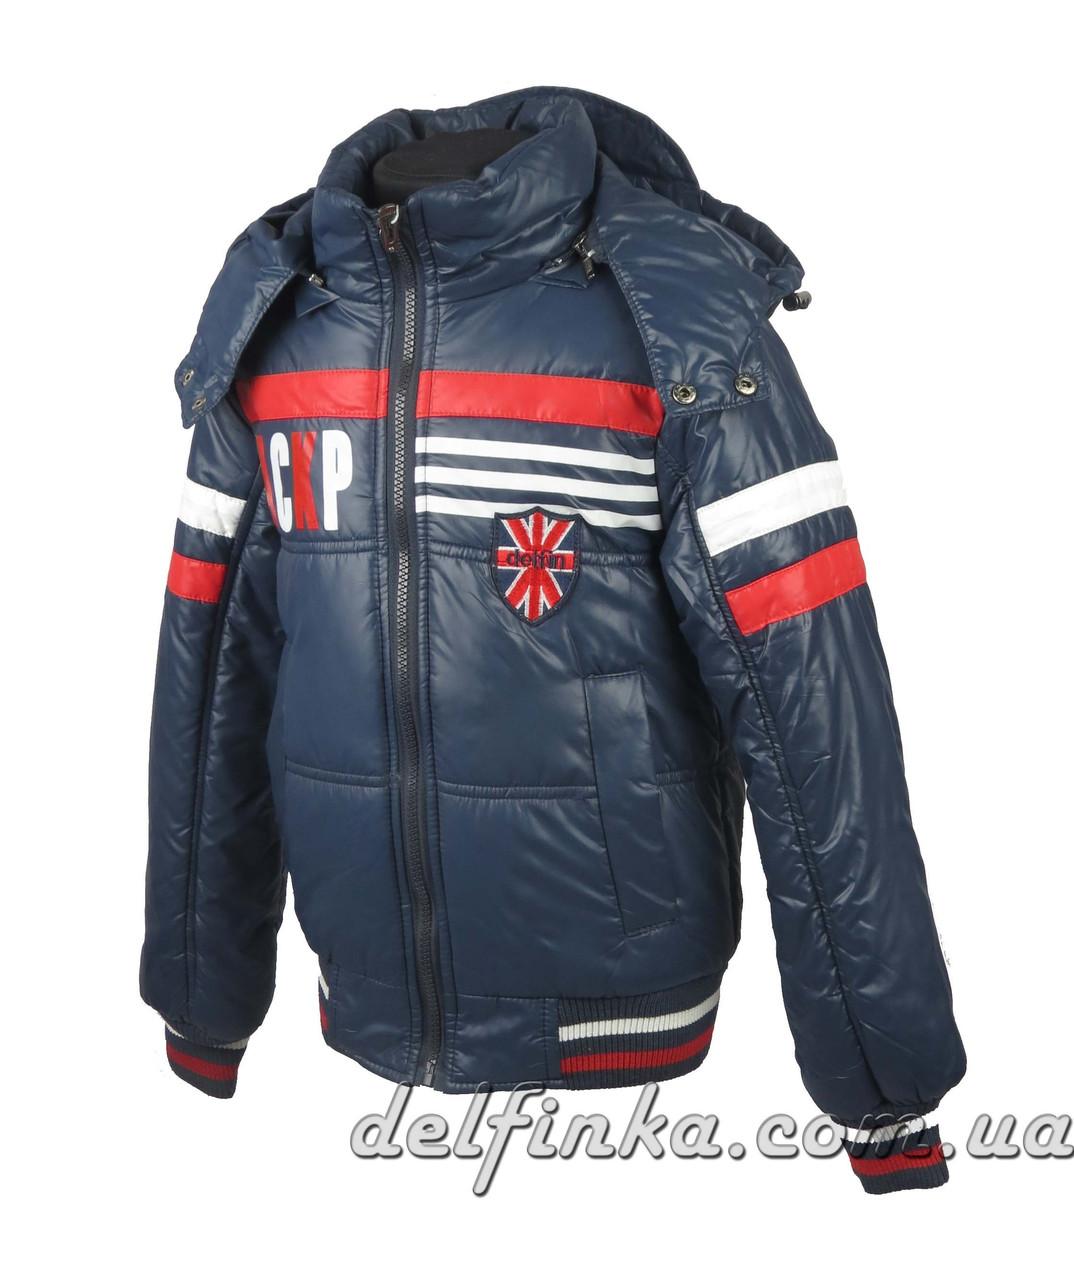 Куртка  для мальчиков, теплая,  демисезонная 6-10 лет цвет синий (18-12 джек), фото 1